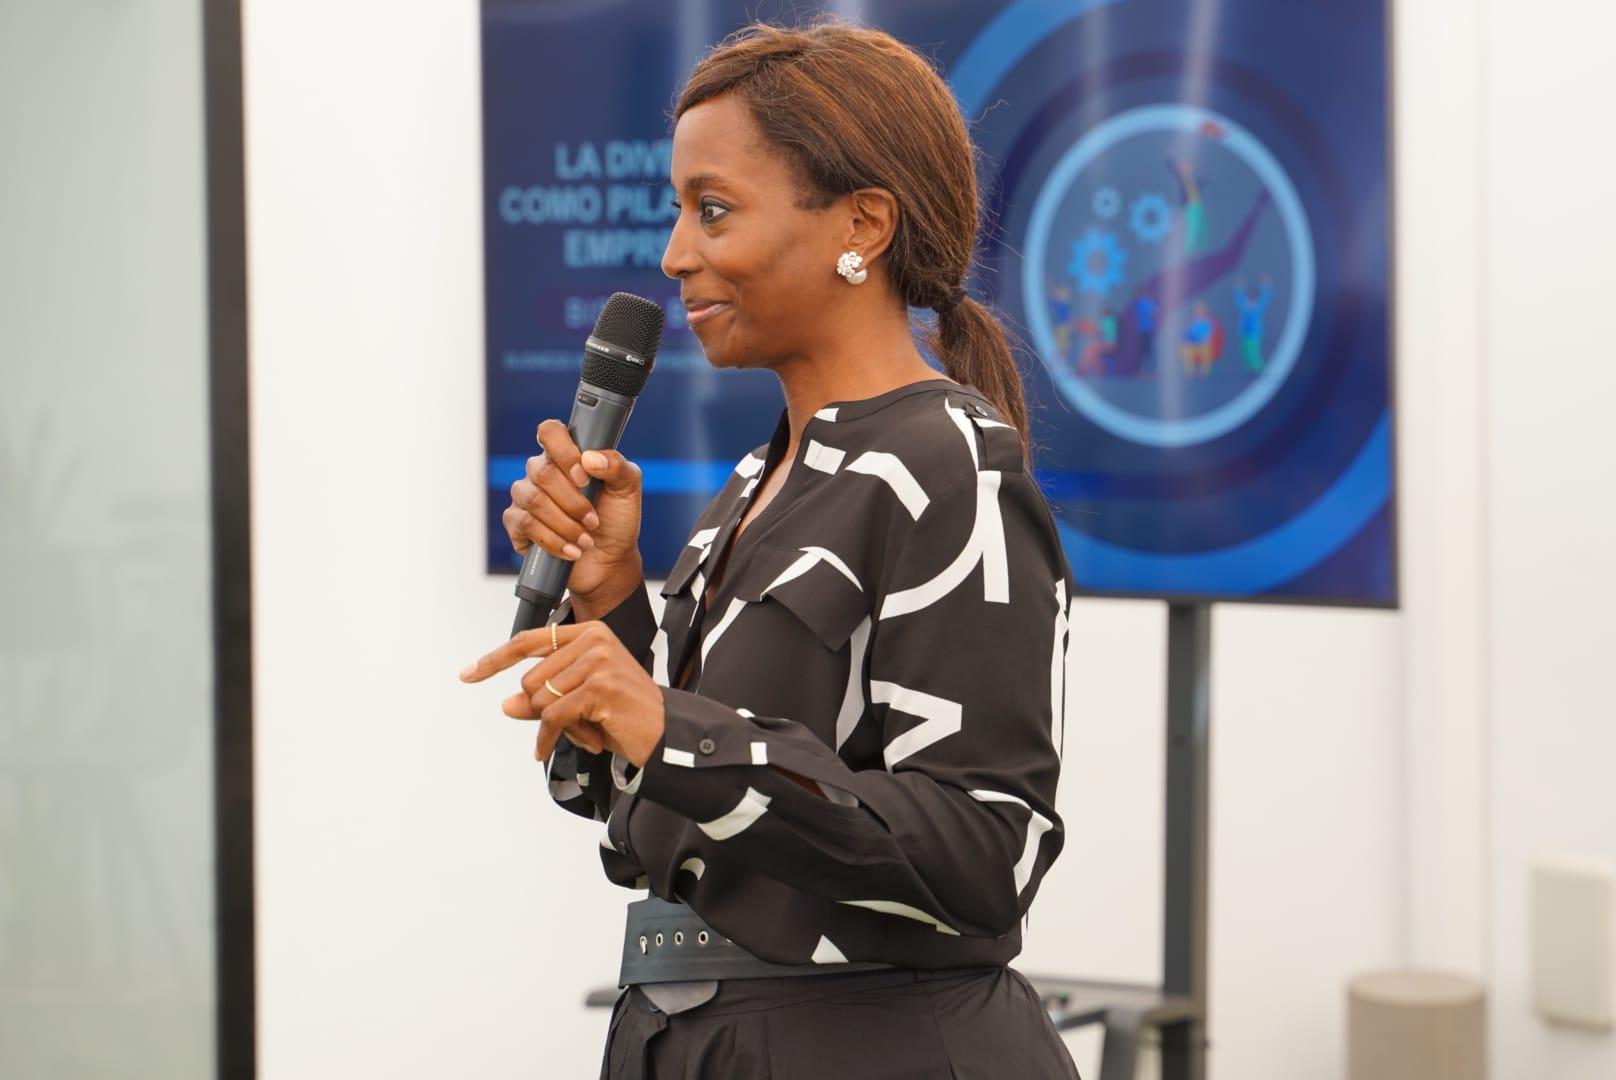 La embajadora de la Fundación Martínez Hermanos, Bisila Bokoko, imparte una conferencia para empleados del Grupo Martínez